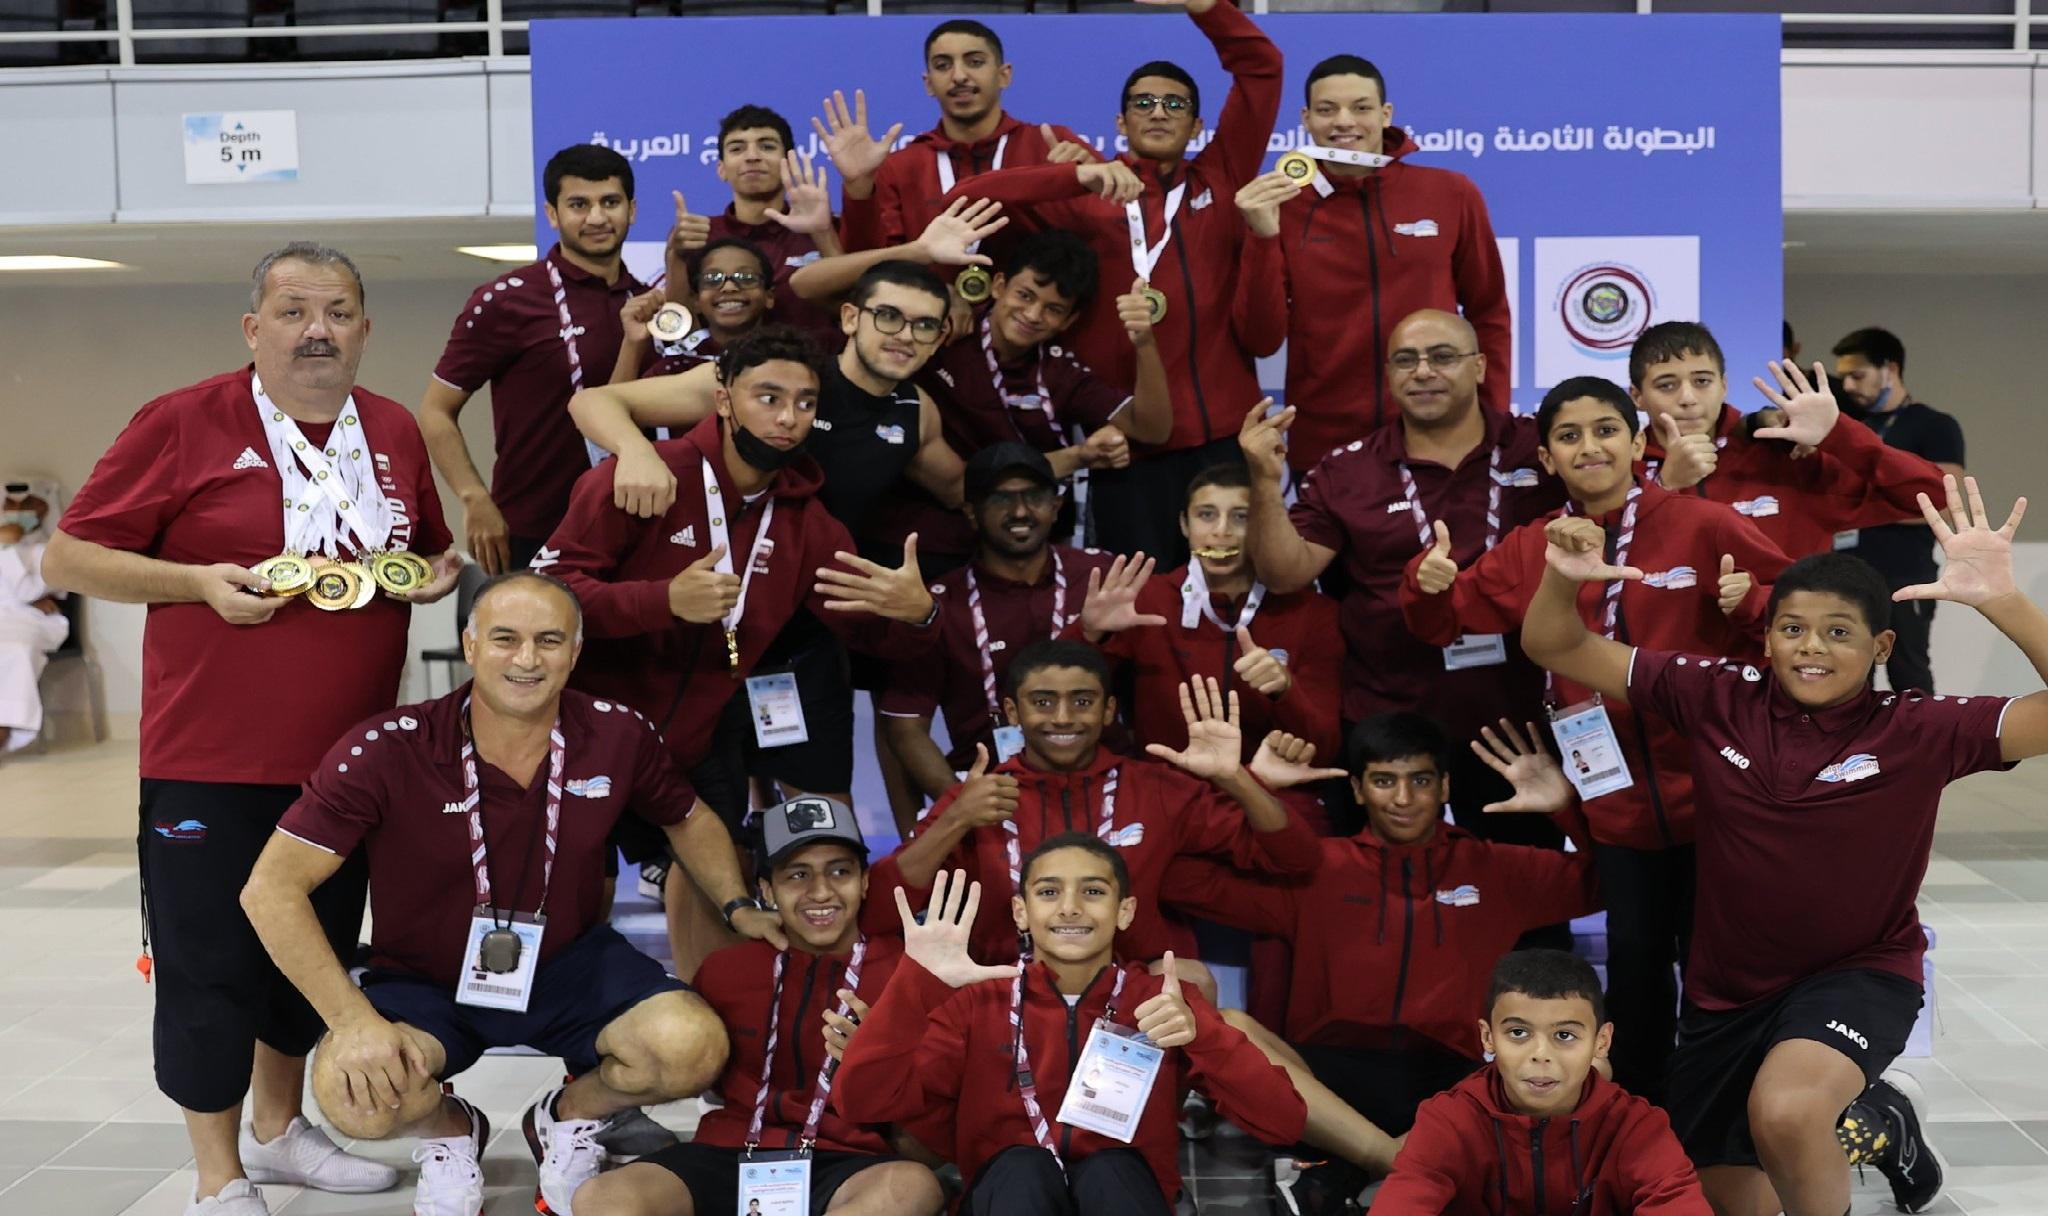 Qatar Secure 28 Medals at Start of GCC Aquatics Championships